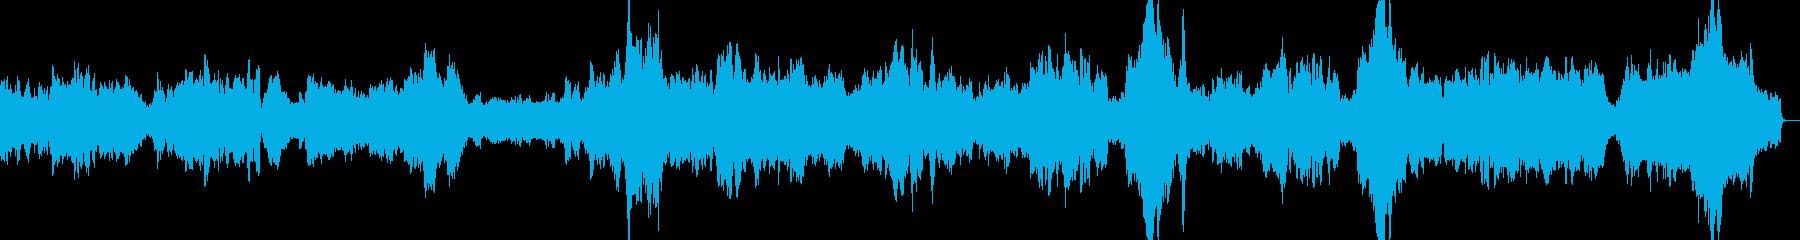 亡き王女のためのパヴァーヌ(オリジナル版の再生済みの波形